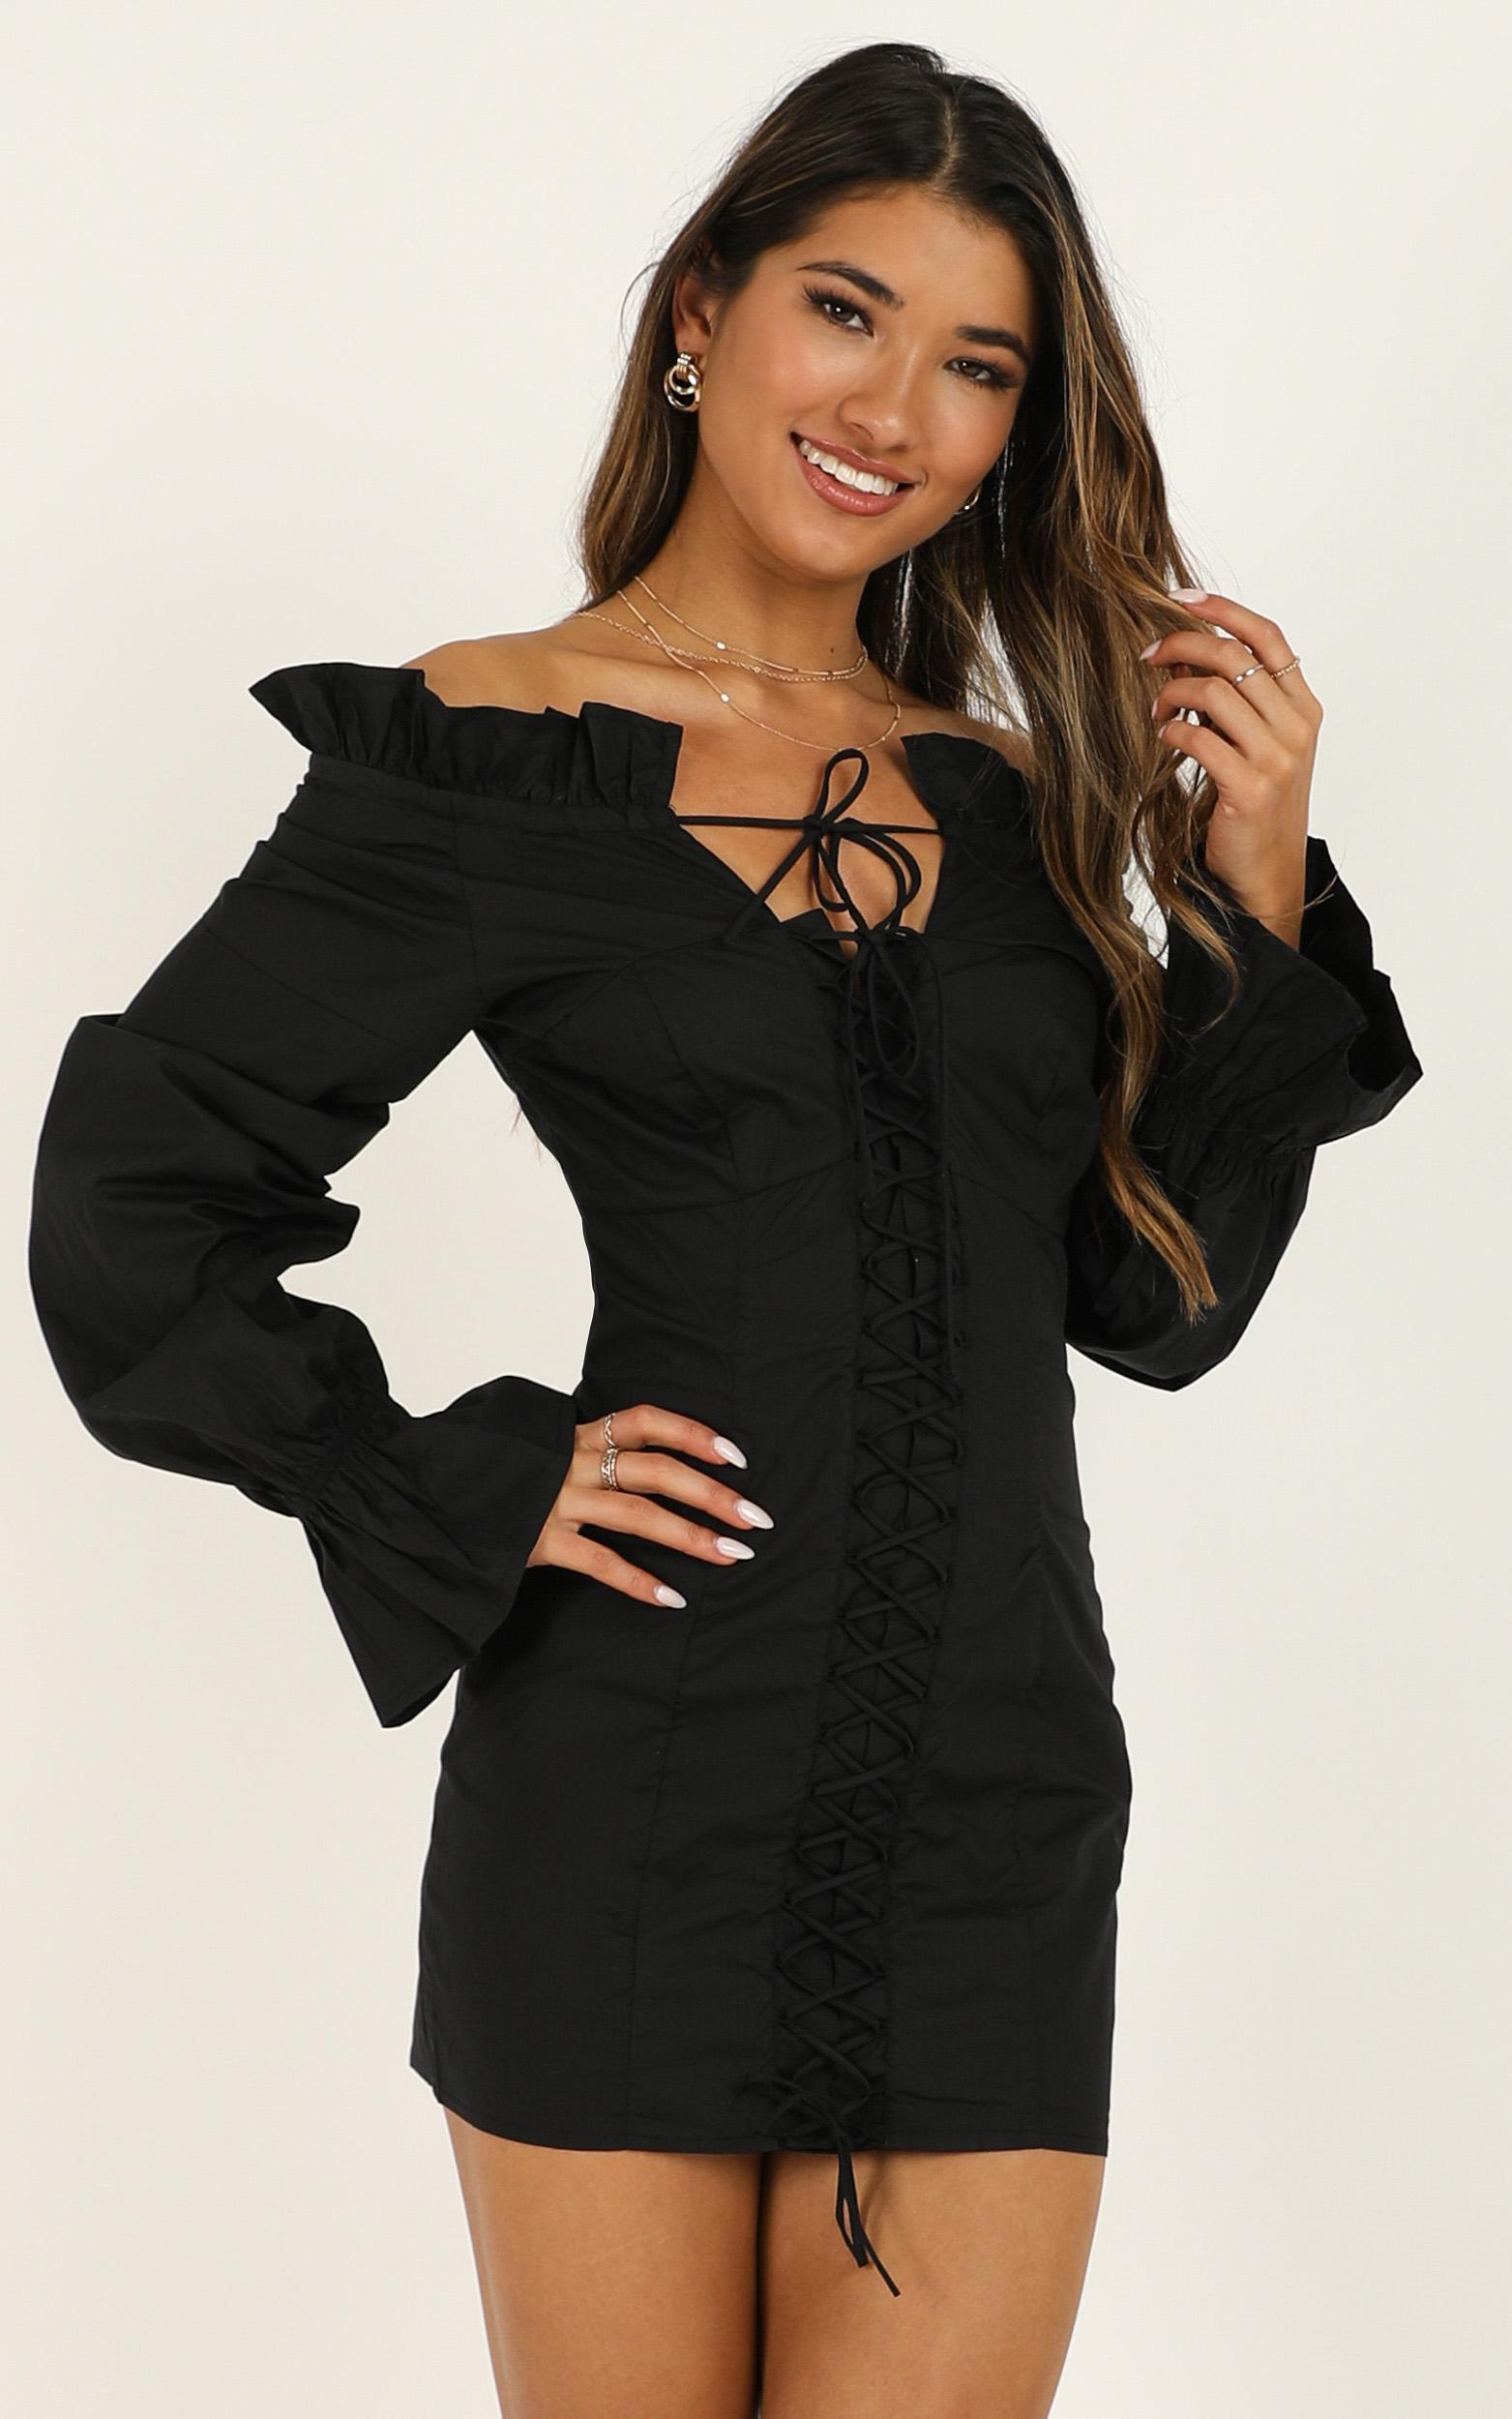 Lioness - Highway Skyline Dress In Black- 12 (L), Black, hi-res image number null